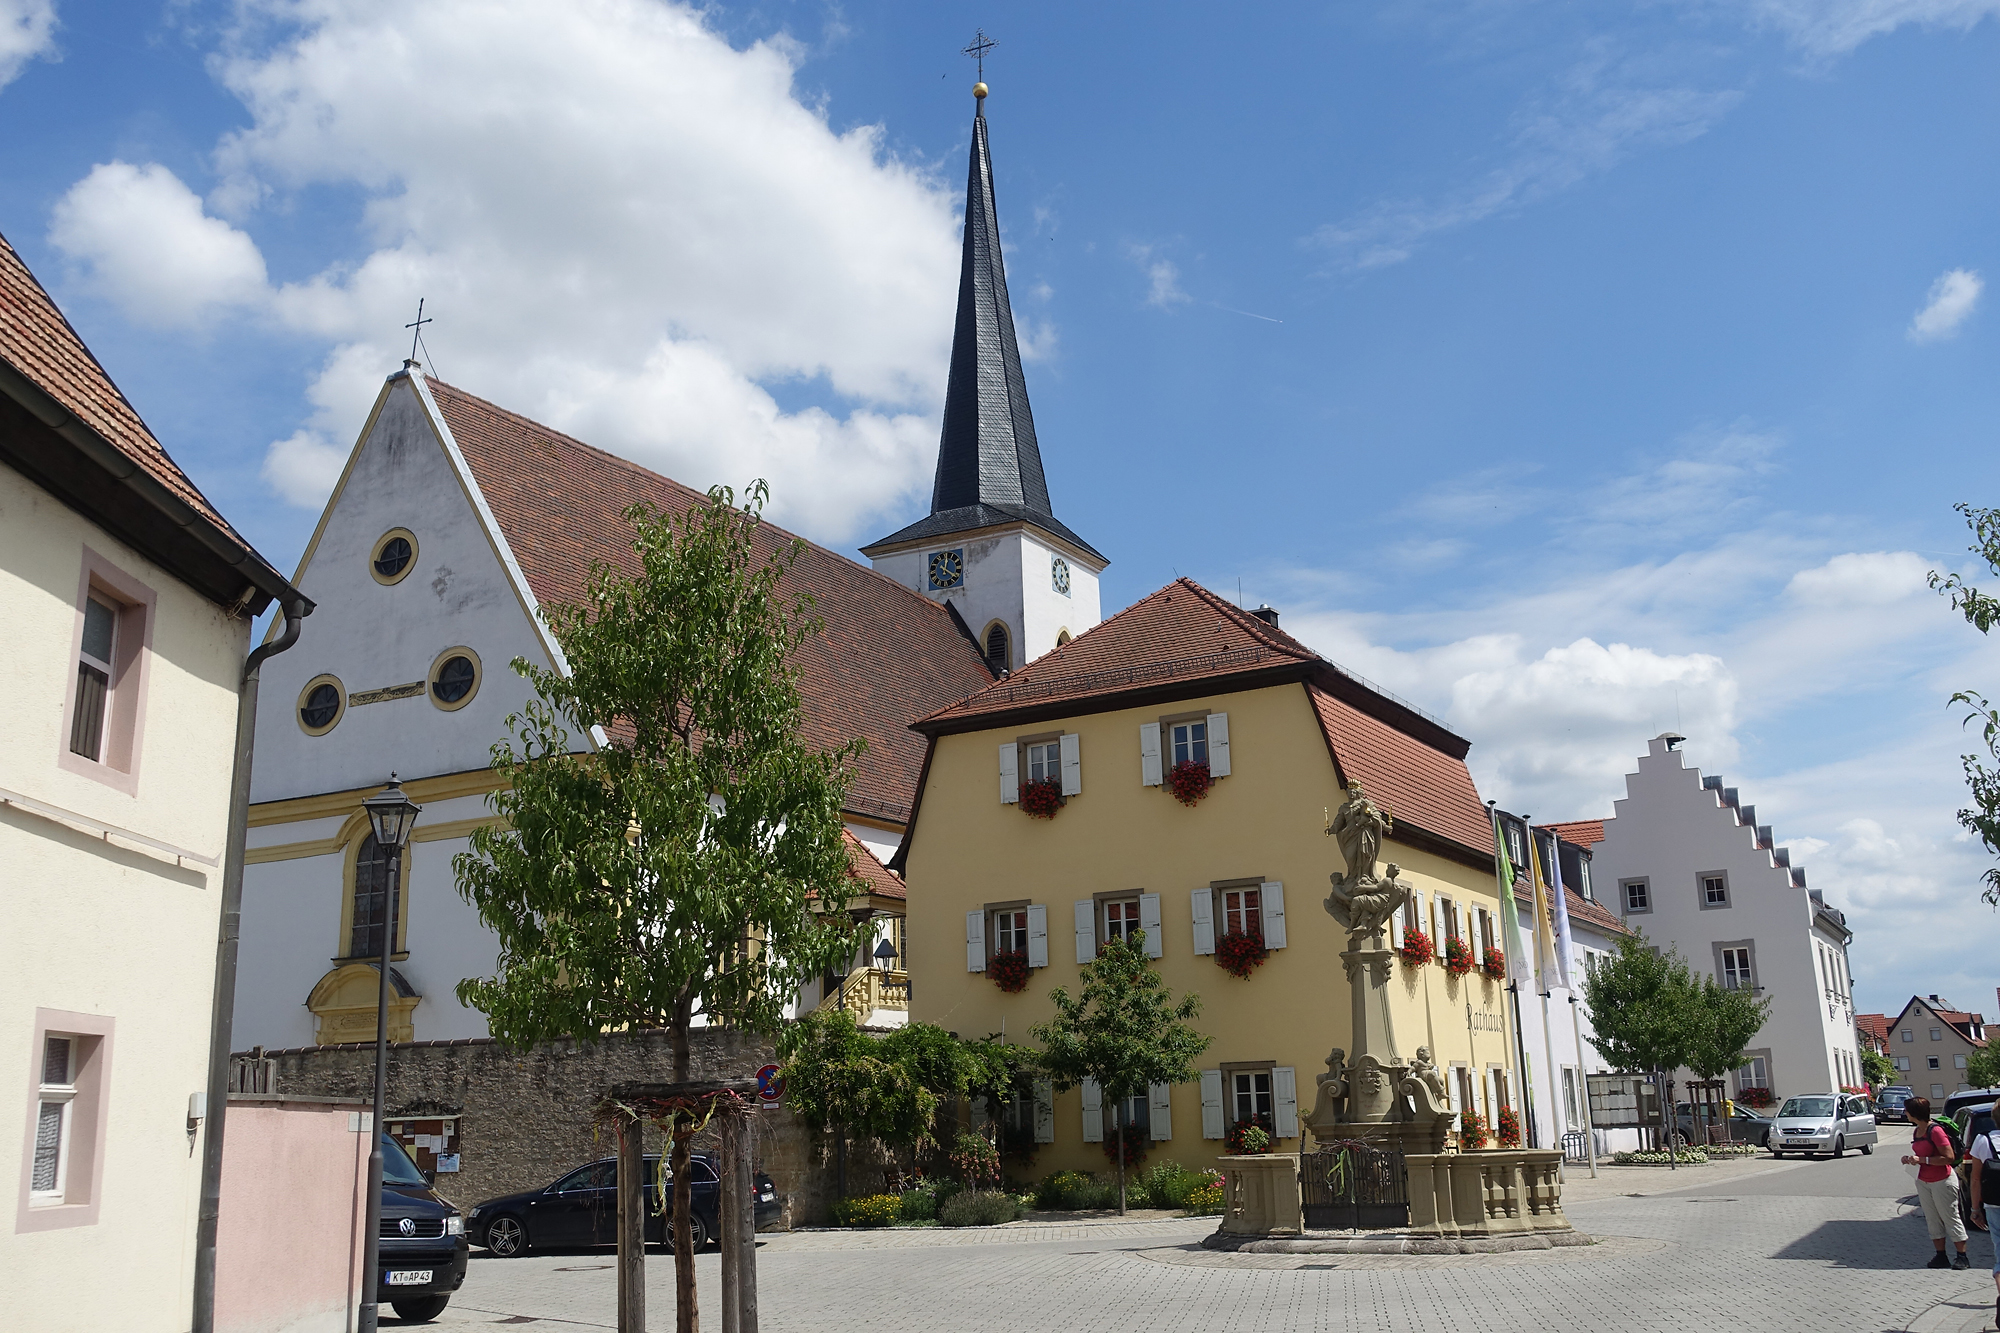 Sommerach / Würzburg – 15.-18.07.2017 | Jürgens Reisen